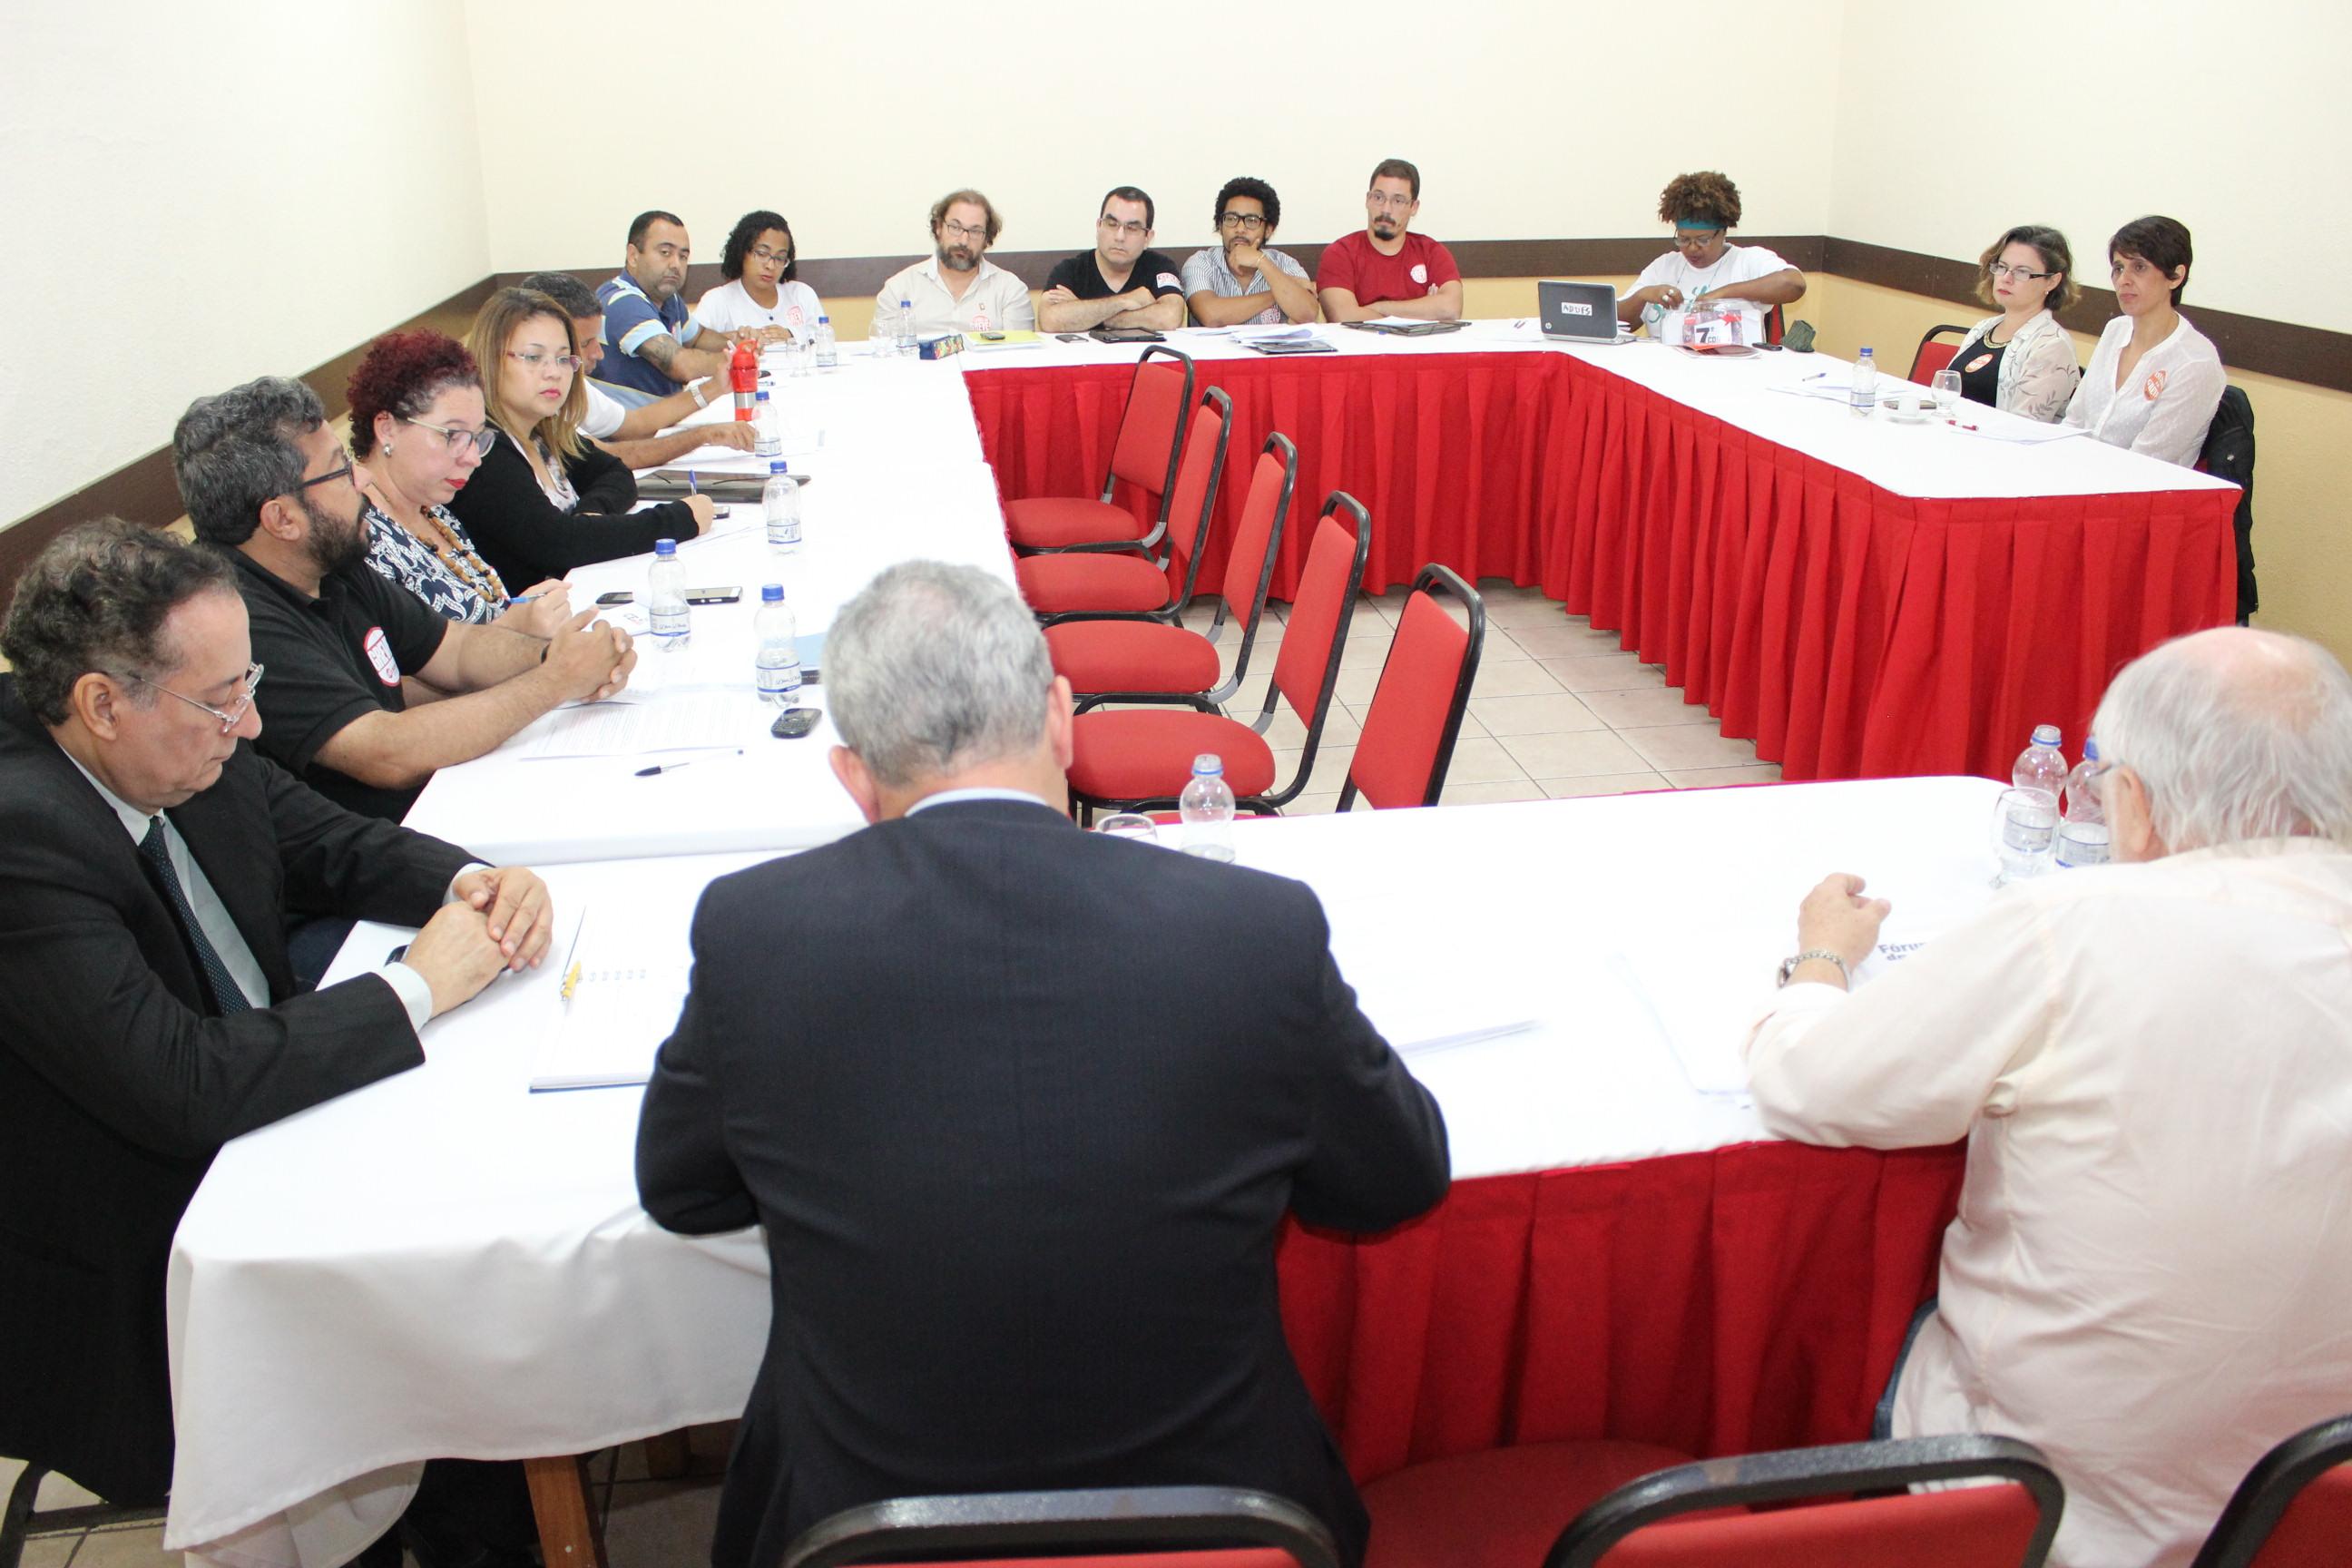 Após novas discussões, proposta de Minuta de Acordo será encaminhada aos professores nesta terça